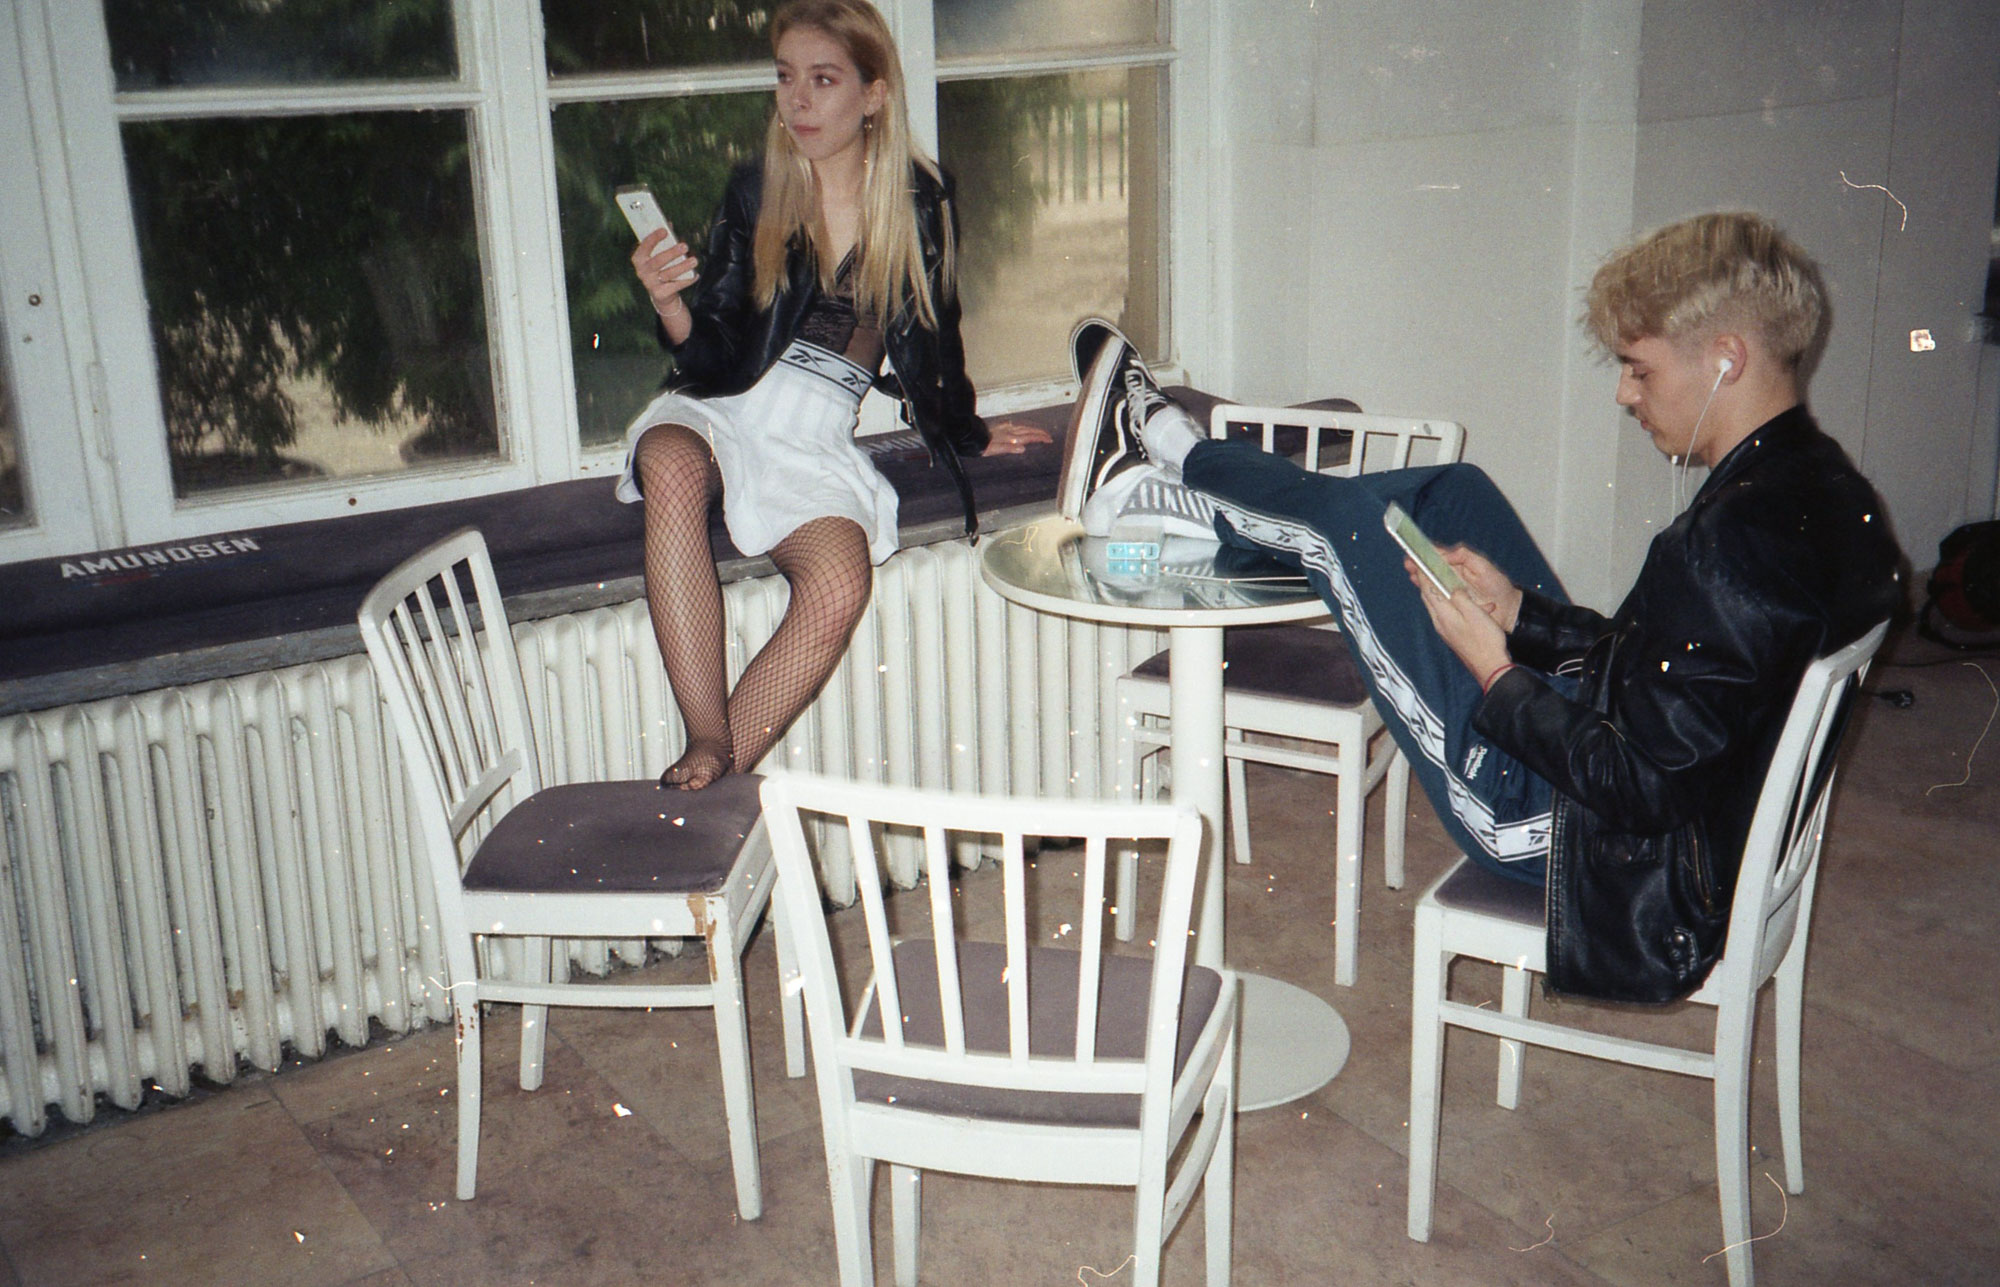 Chłopak siedzący na krześle z nogami na stole i dziewczyna siedząca na parapecie z telefonem w ręku